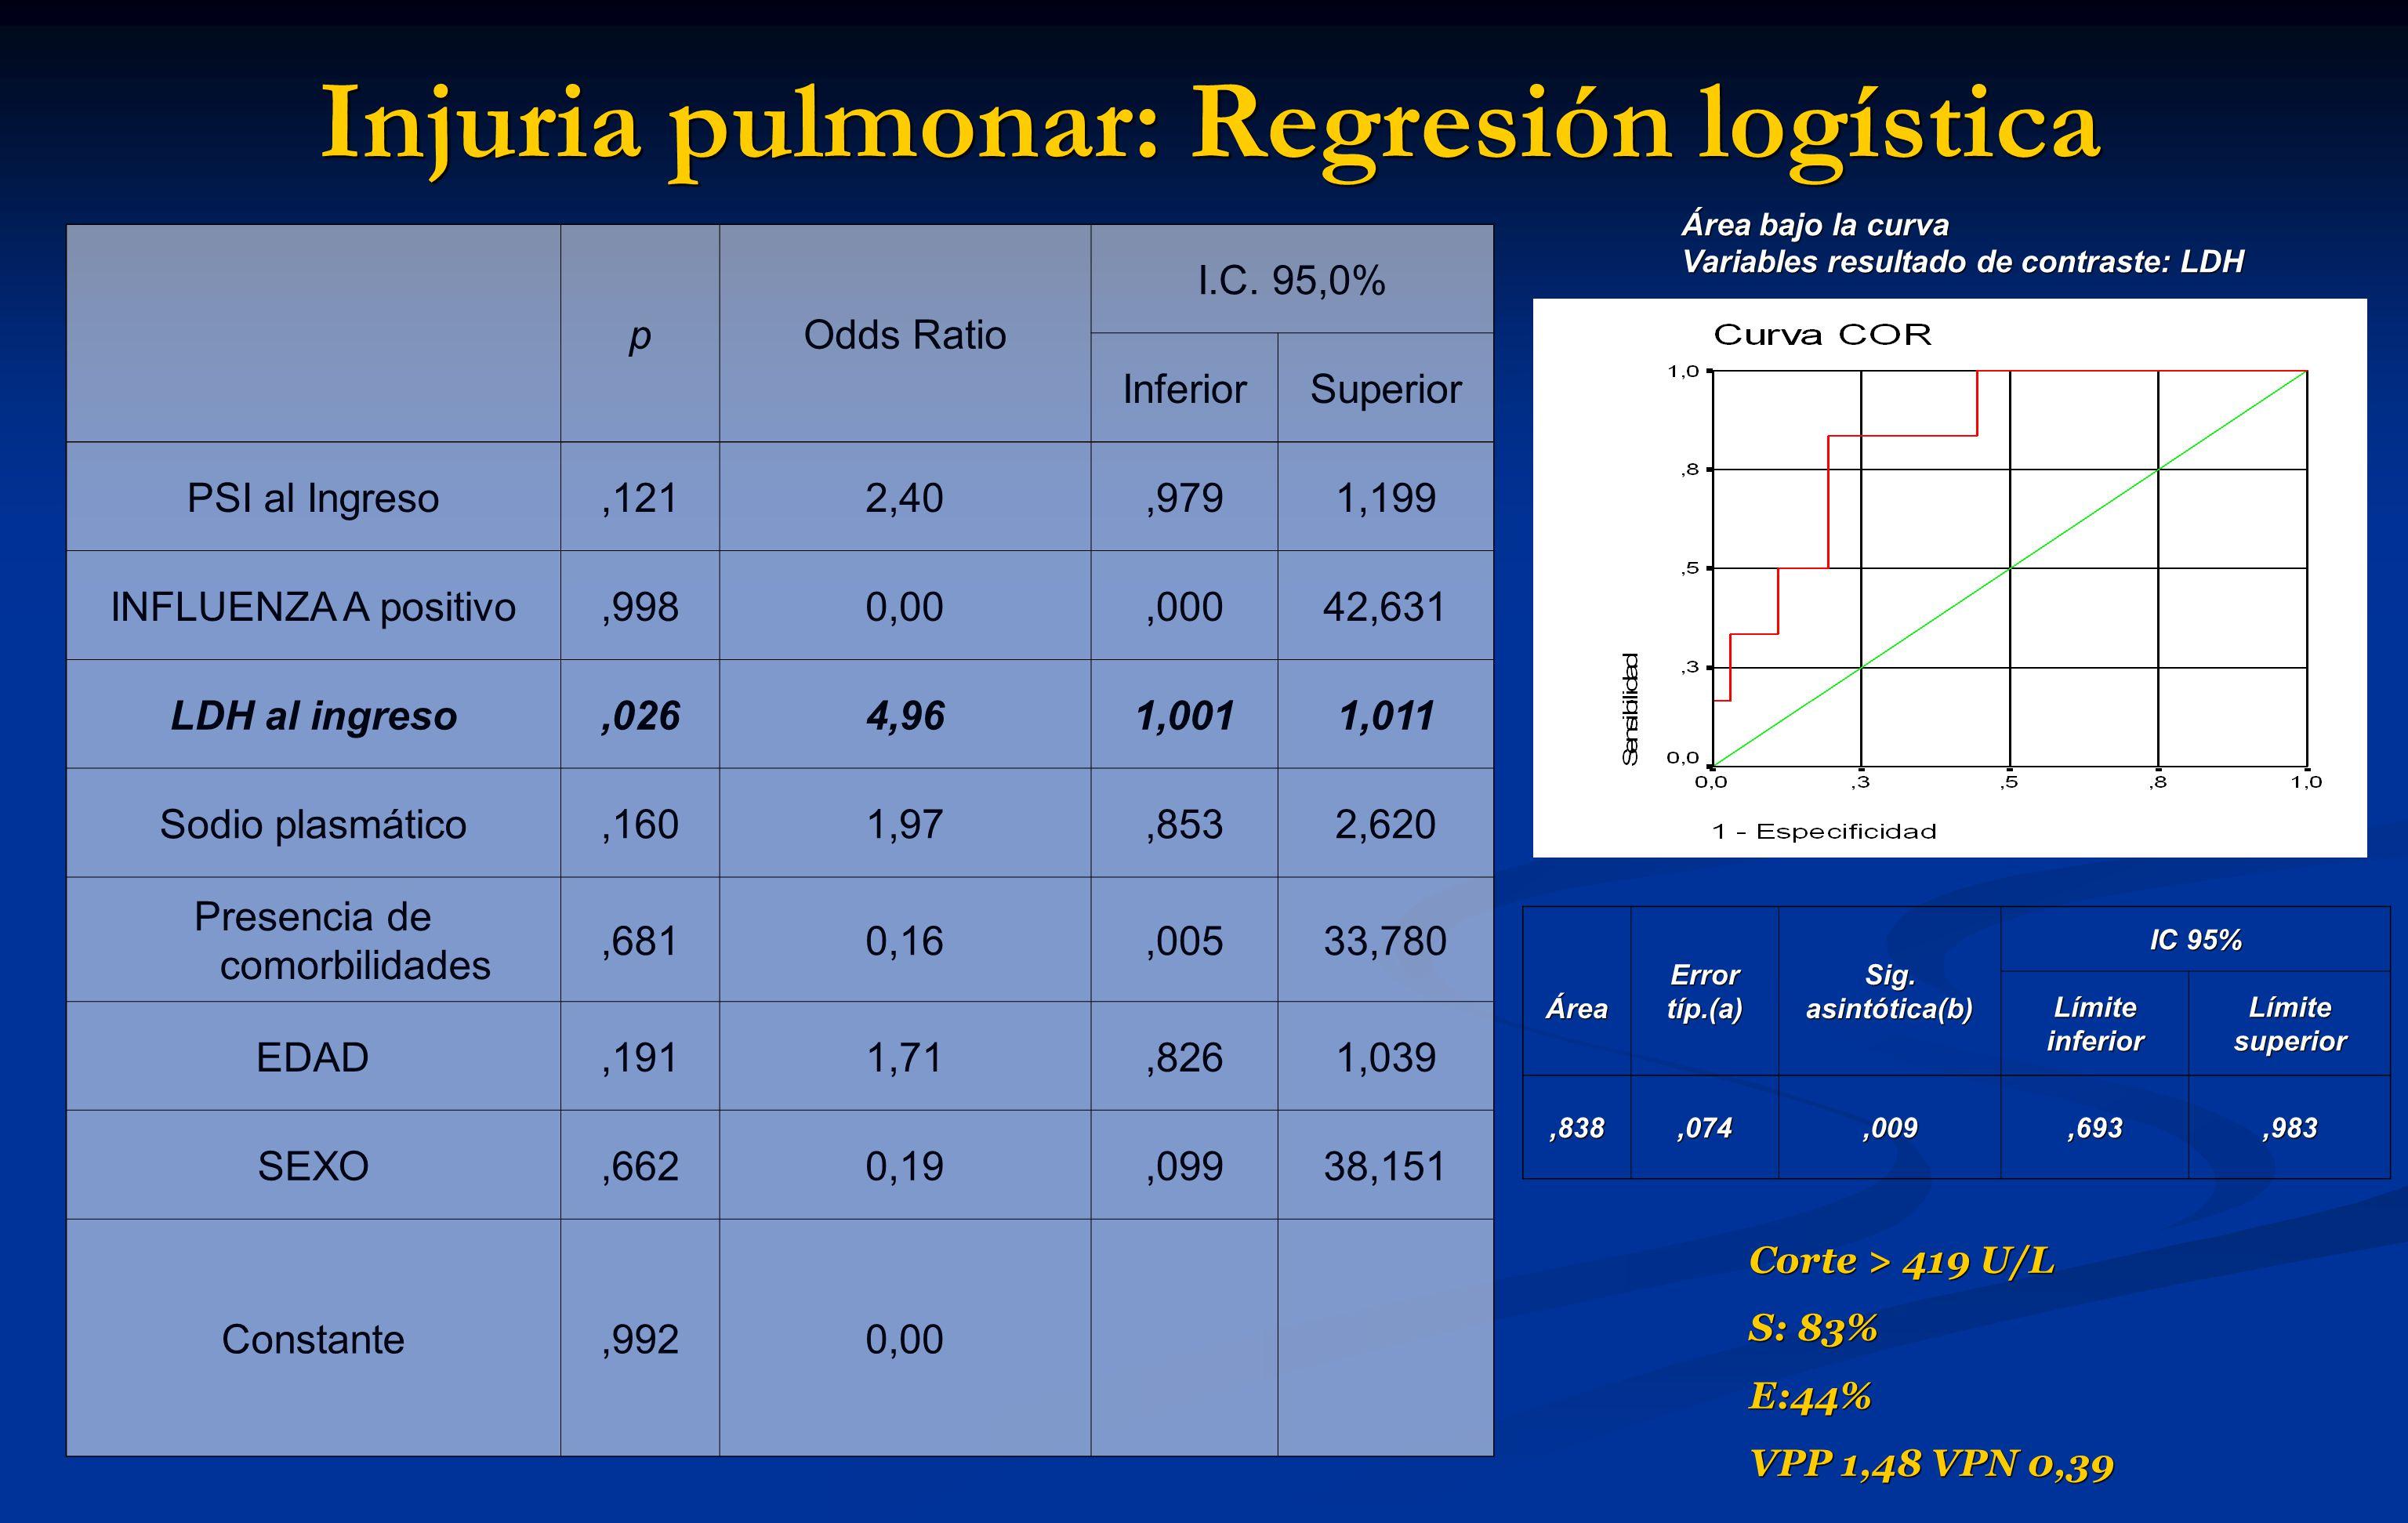 Injuria pulmonar: Regresión logística